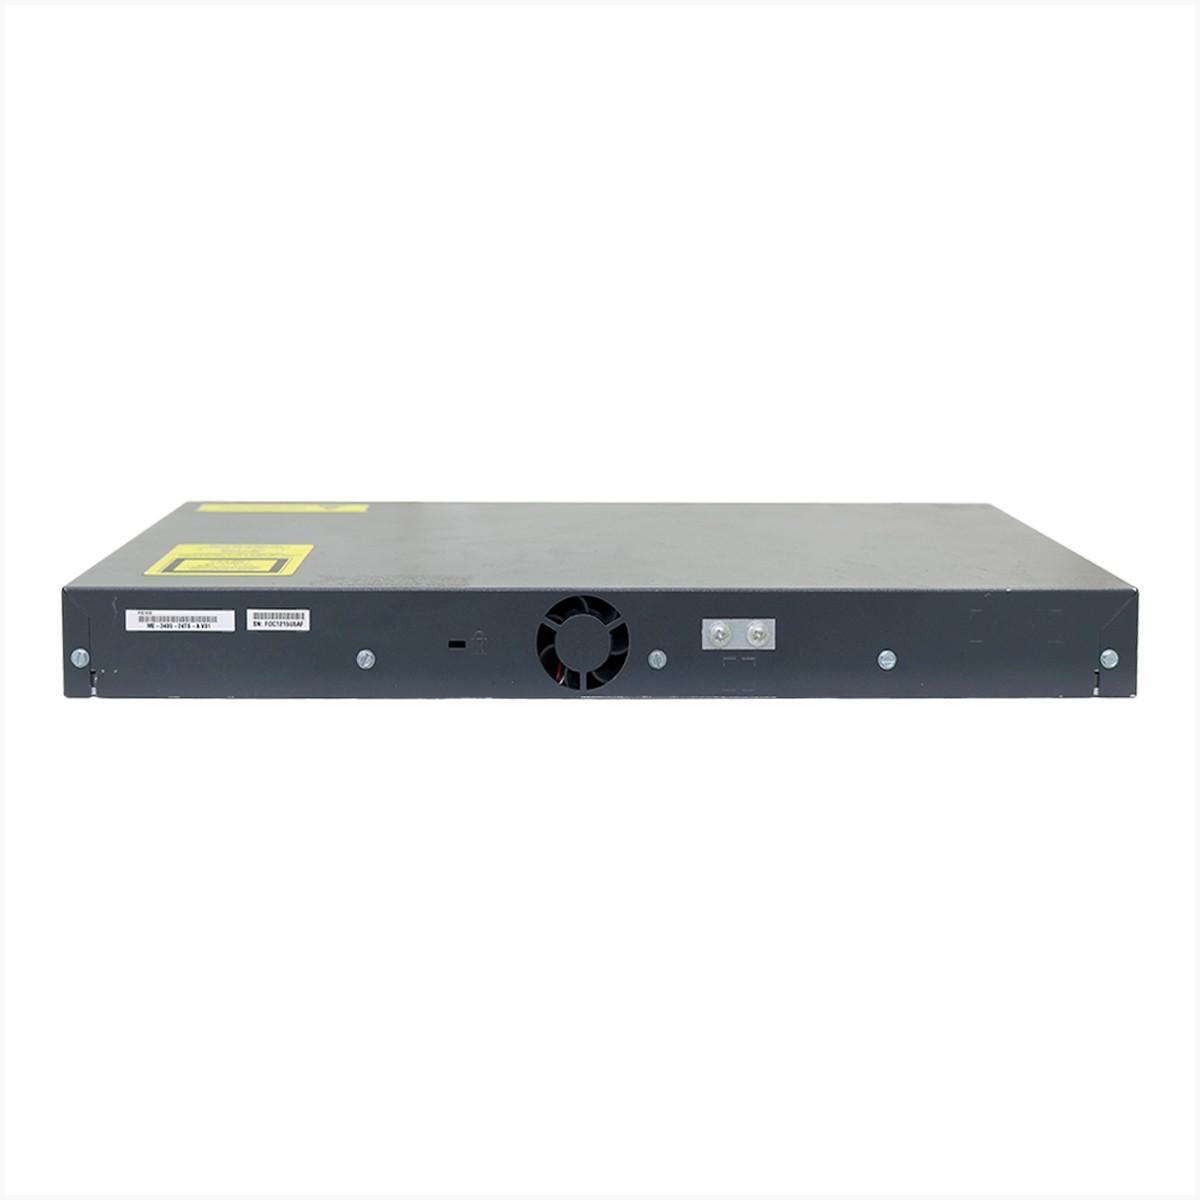 Switch Cisco ME 3400-24TS- A  24 ports - Usado